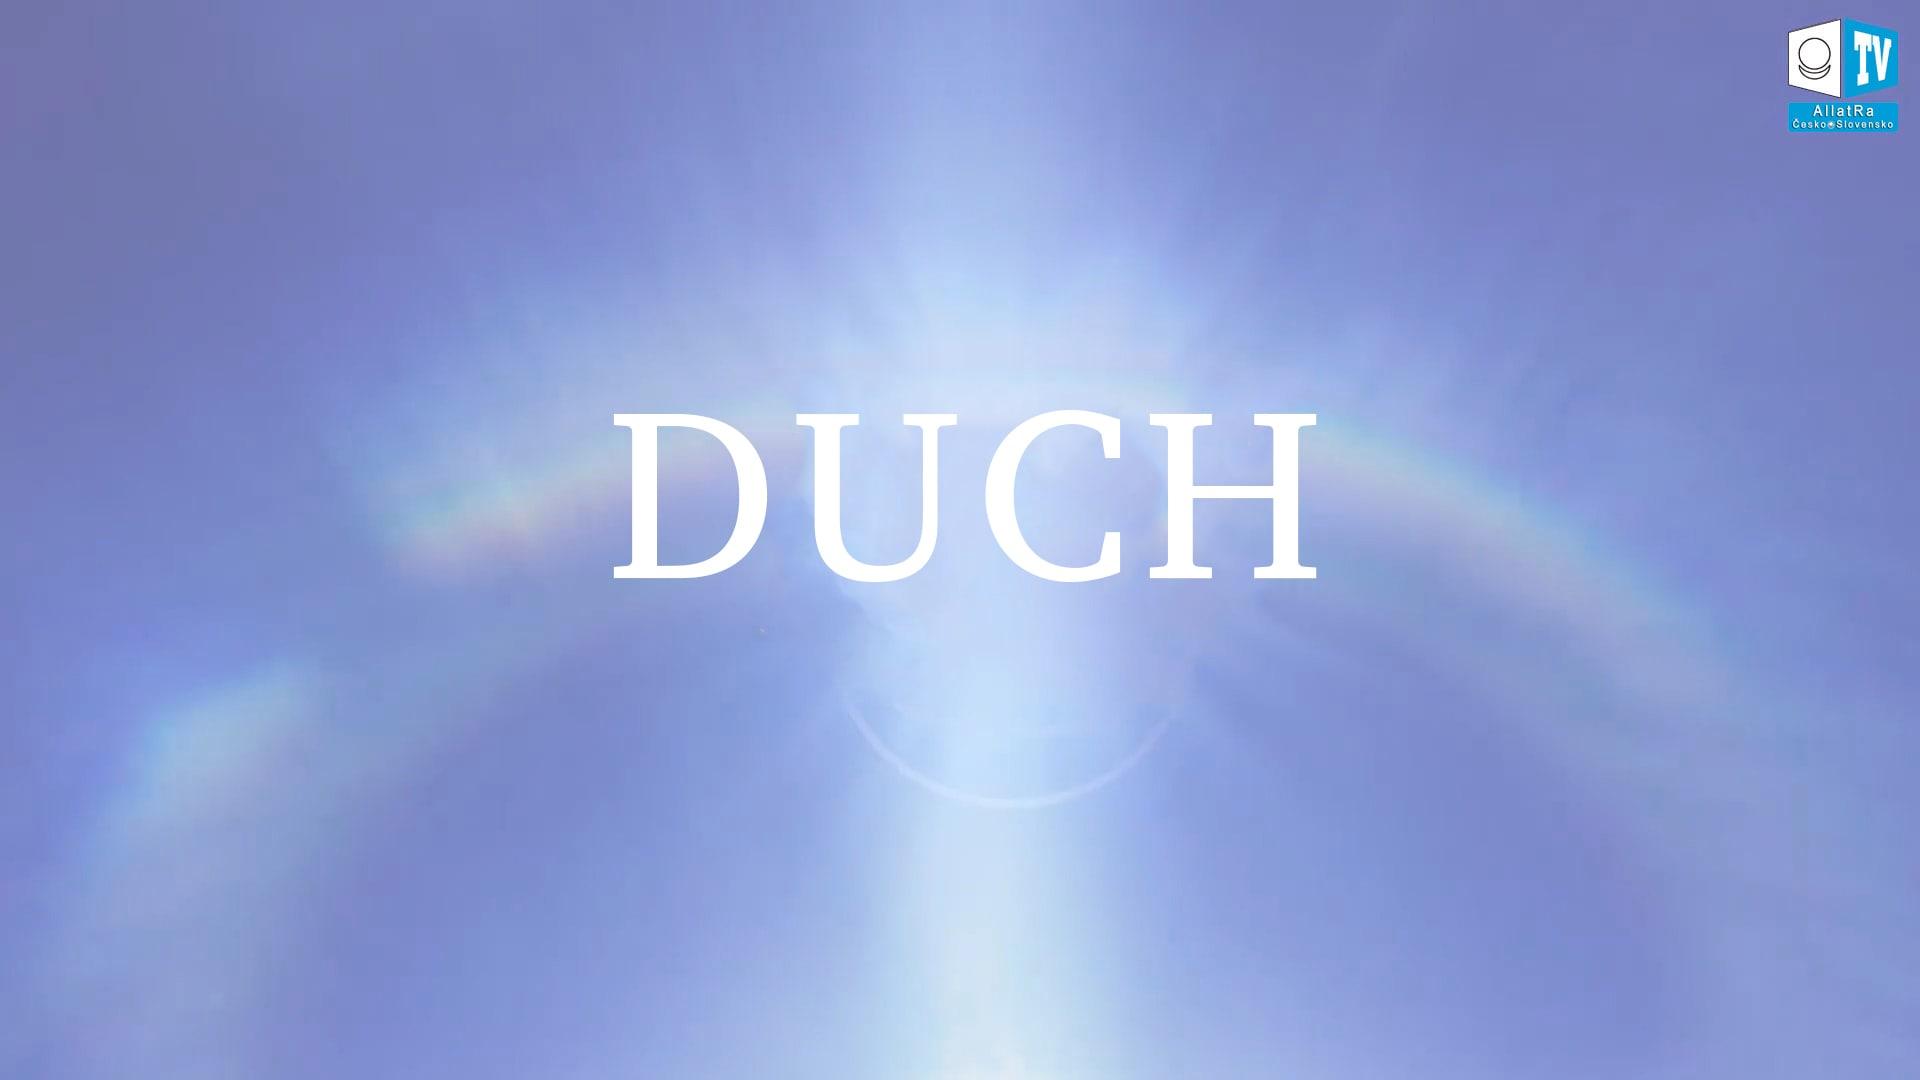 Duch. Foto